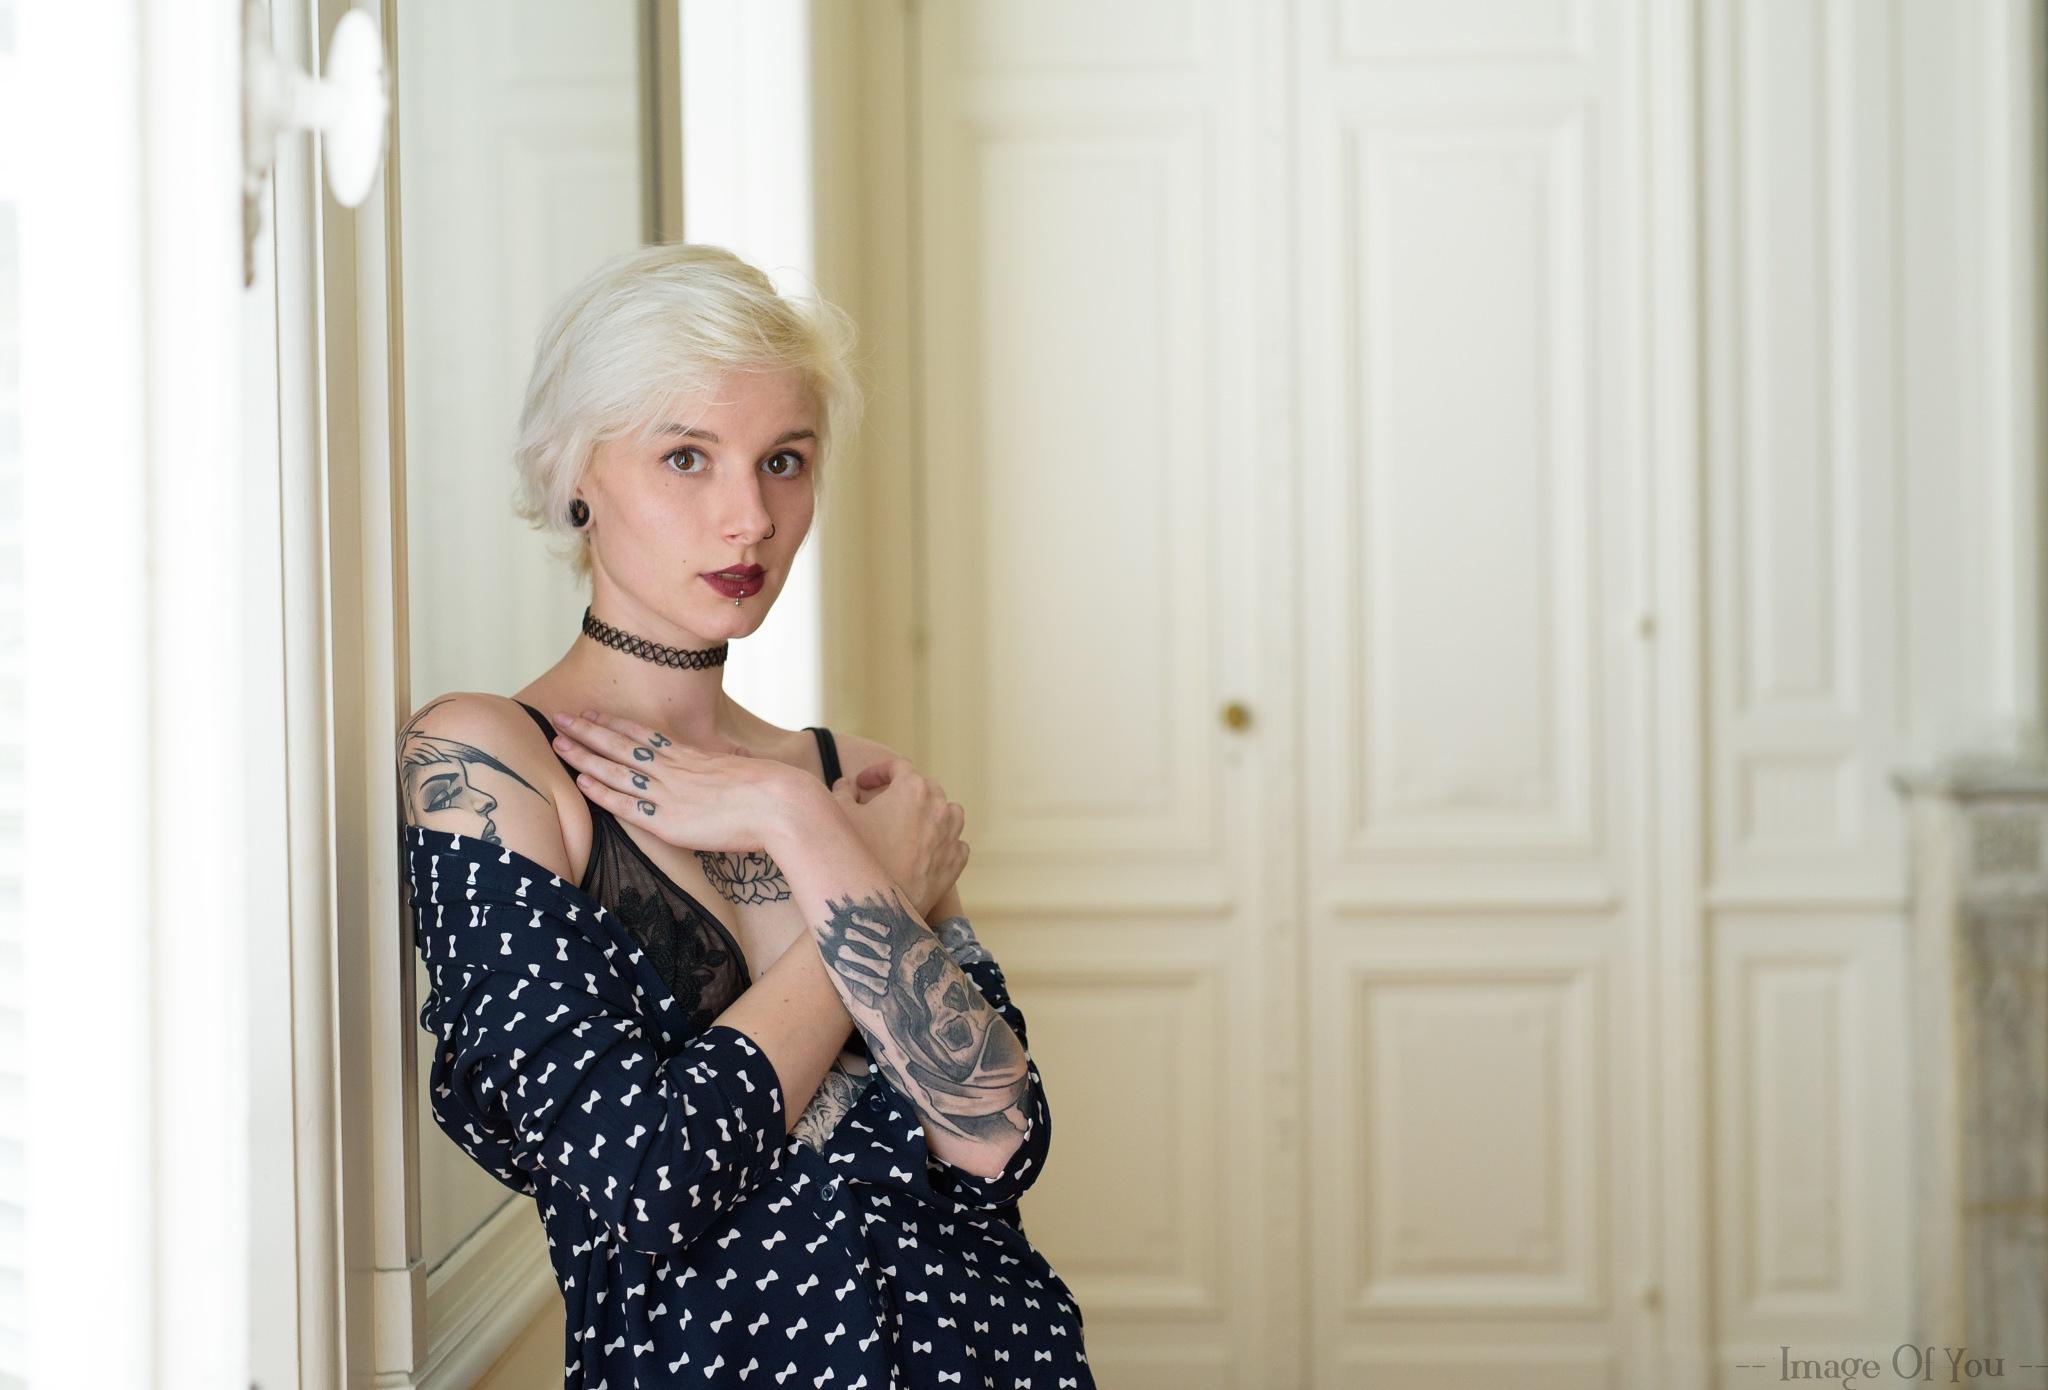 Audrey Bordeaux 2 by ImageOfYou